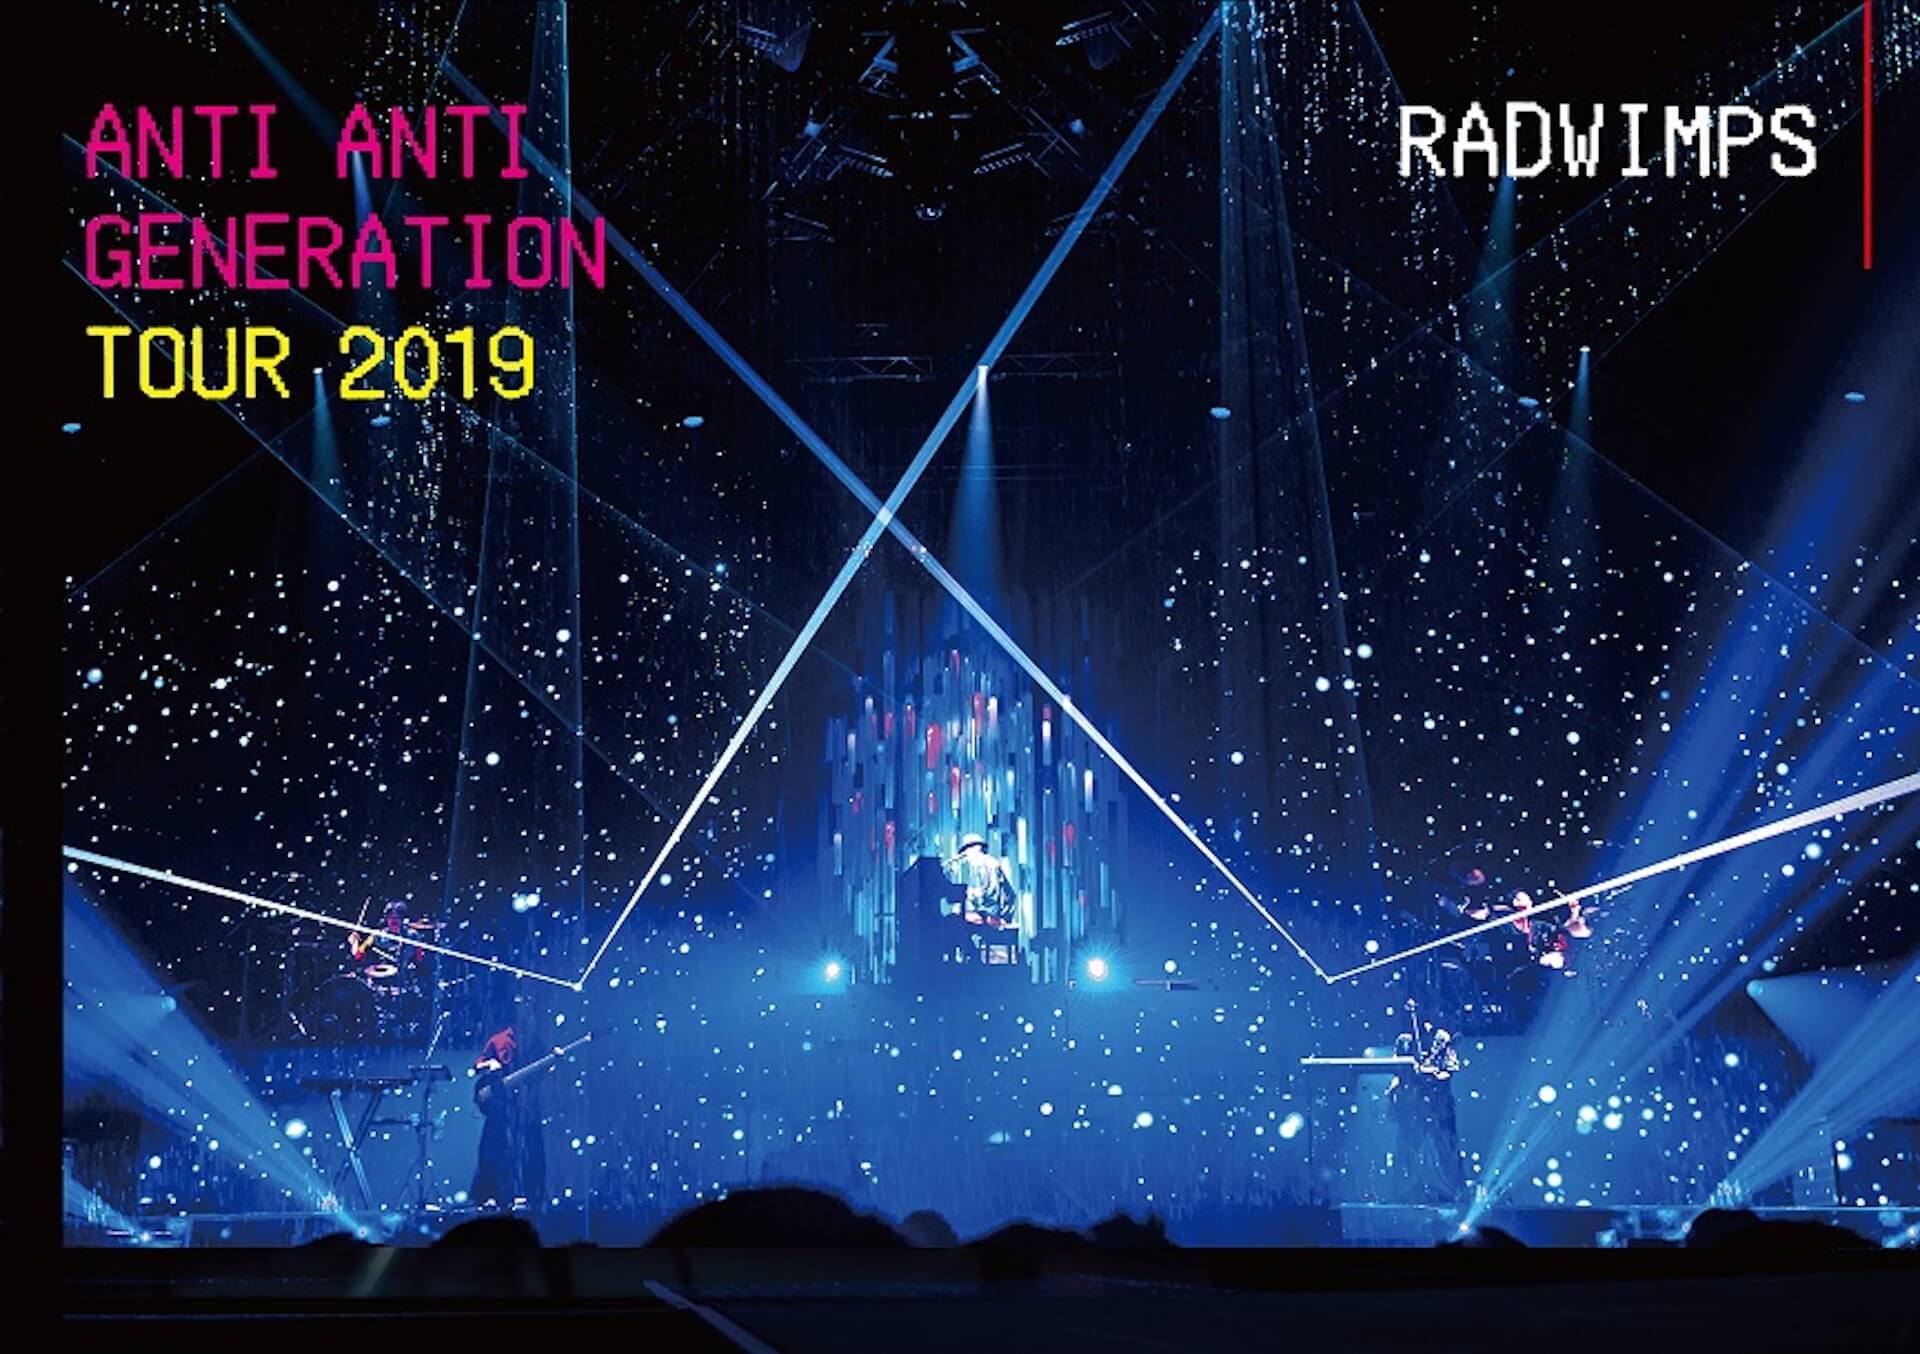 あいみょんらとの交流も?RADWIMPS『ANTI ANTI GENERATION TOUR 2019』の特典映像に収録されるドキュメンタリーのトレーラーが解禁 music200225_radwimps_1